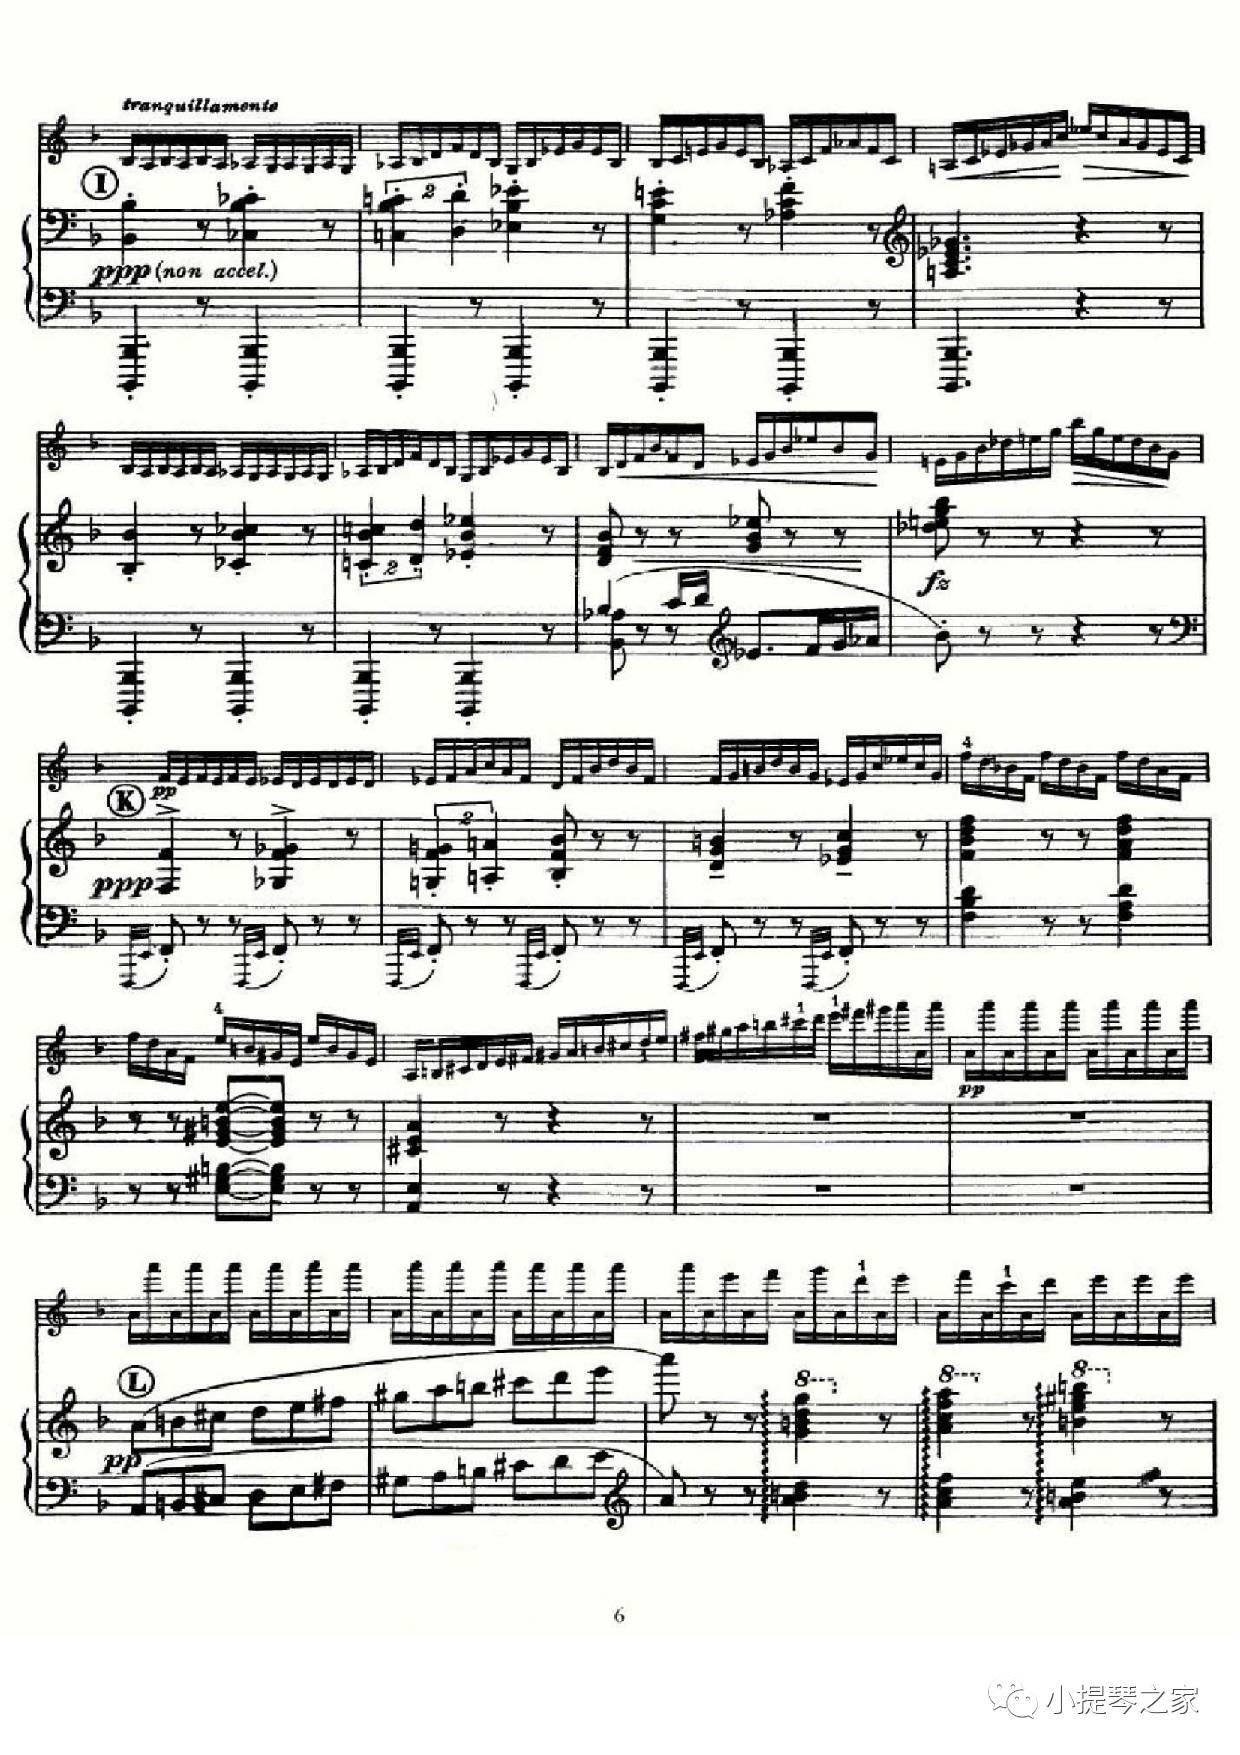 郁金香 雷契纳 曲谱-也必须特别注意乐谱所标明的力度、重音及表情符号,练好右手的换弦